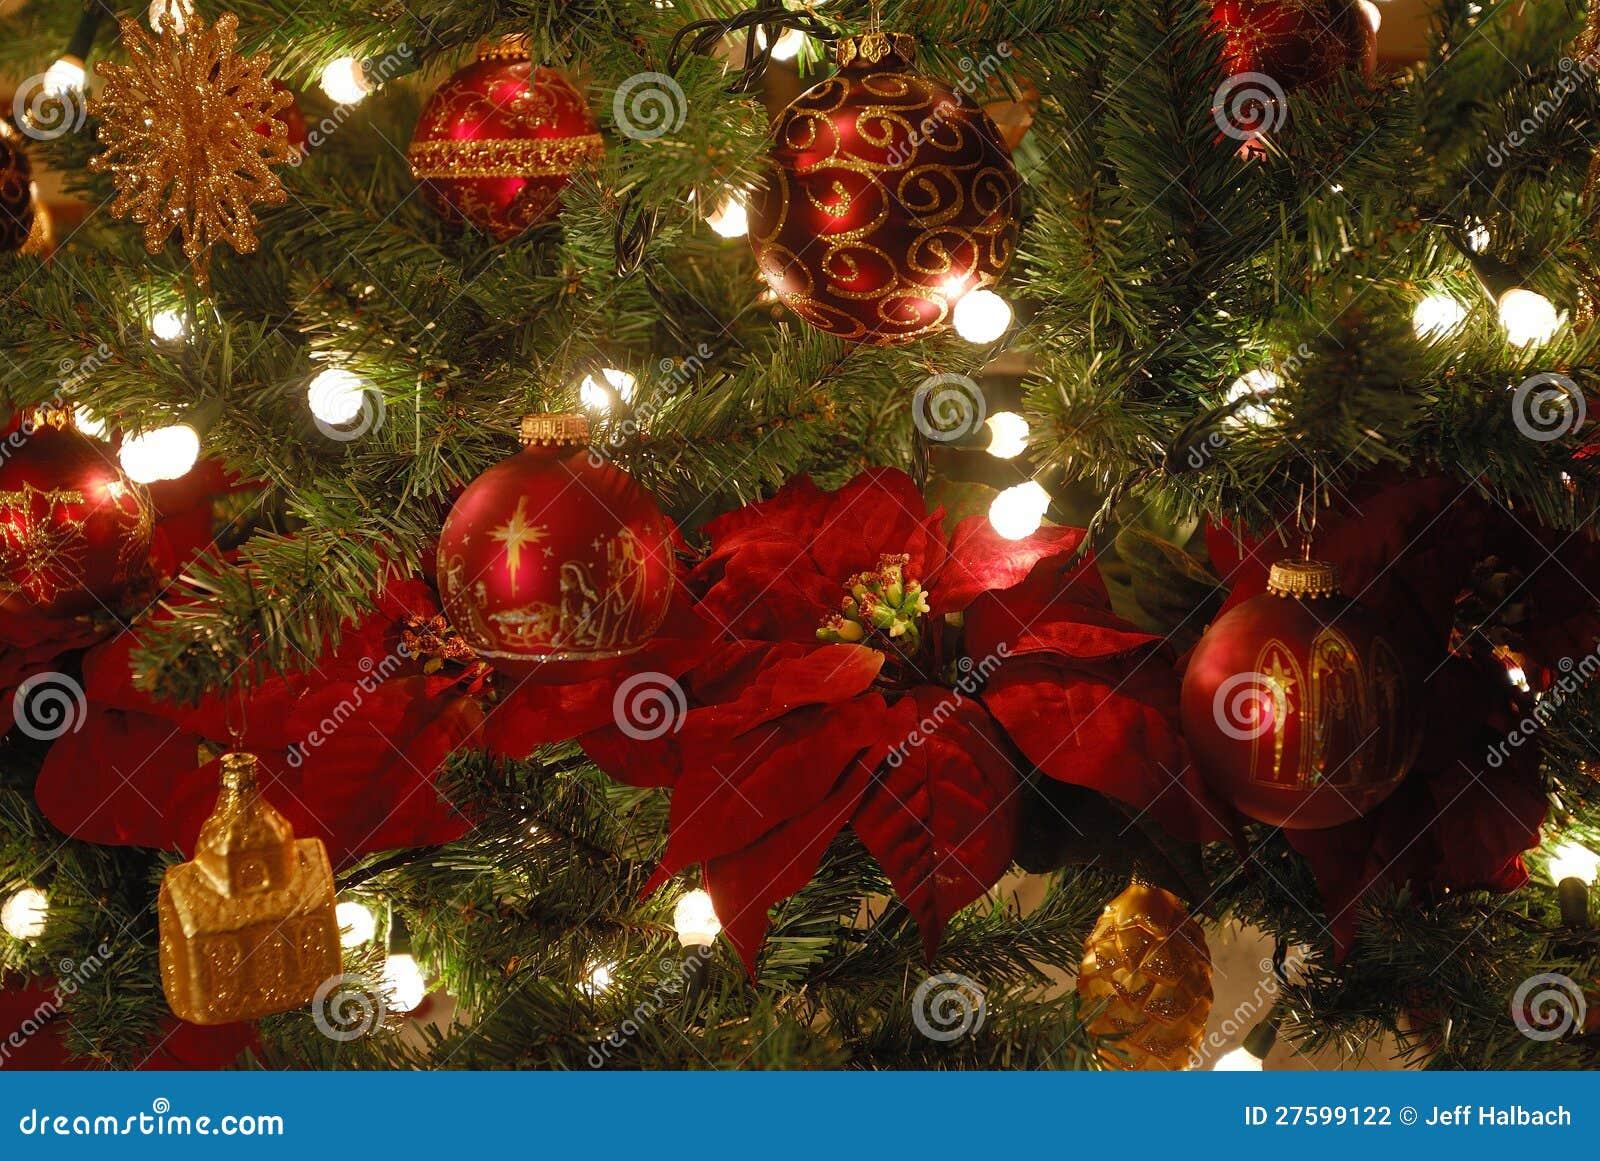 Ornamentos del árbol de navidad